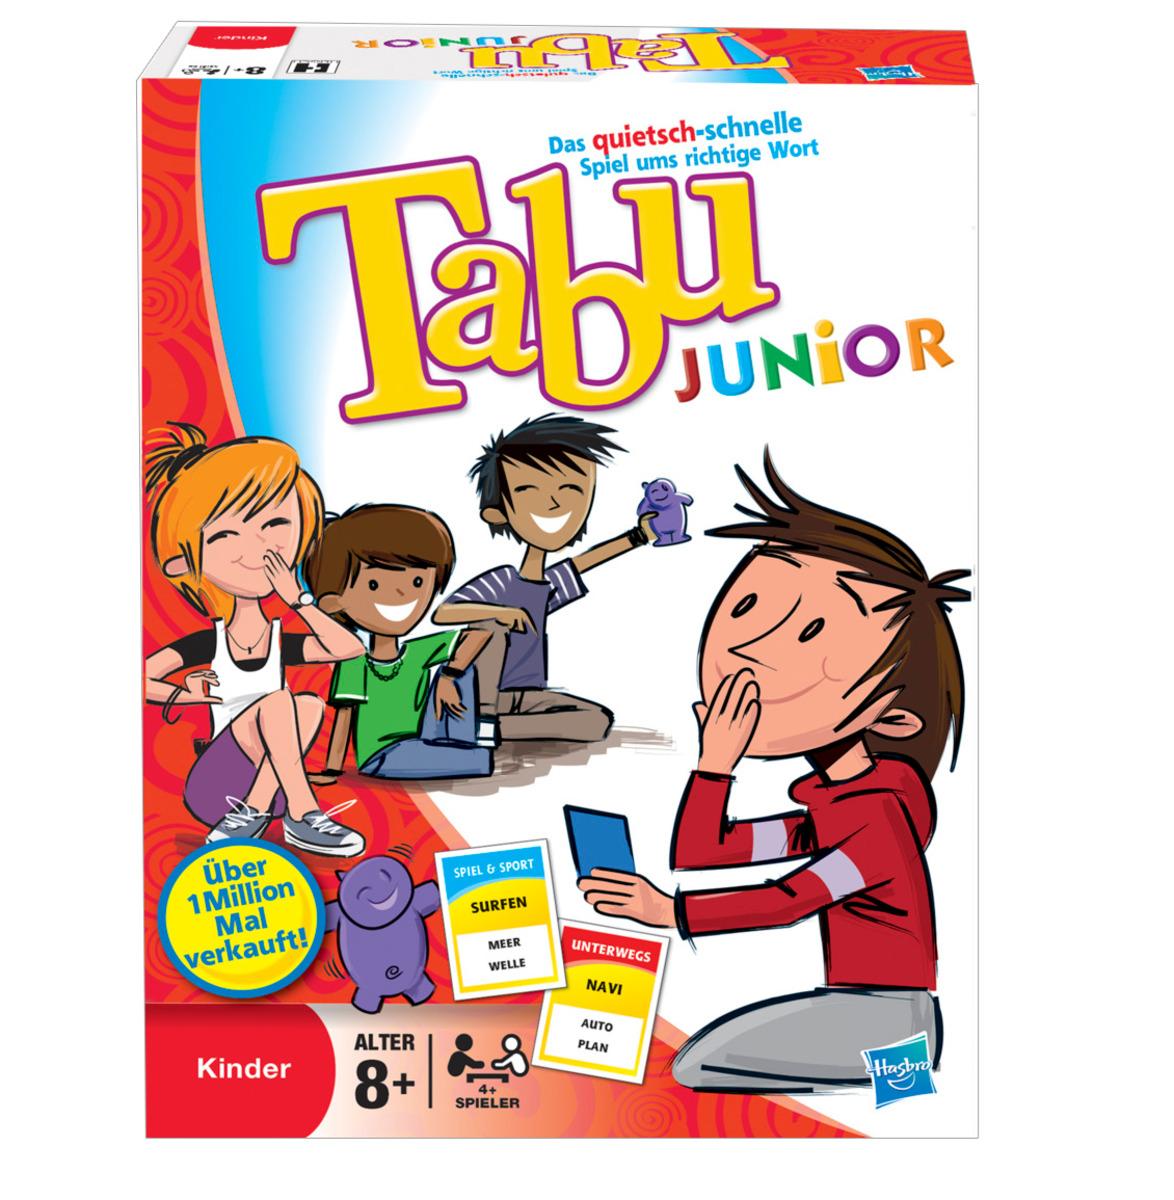 Bild 1 von Hasbro Tabu Junior